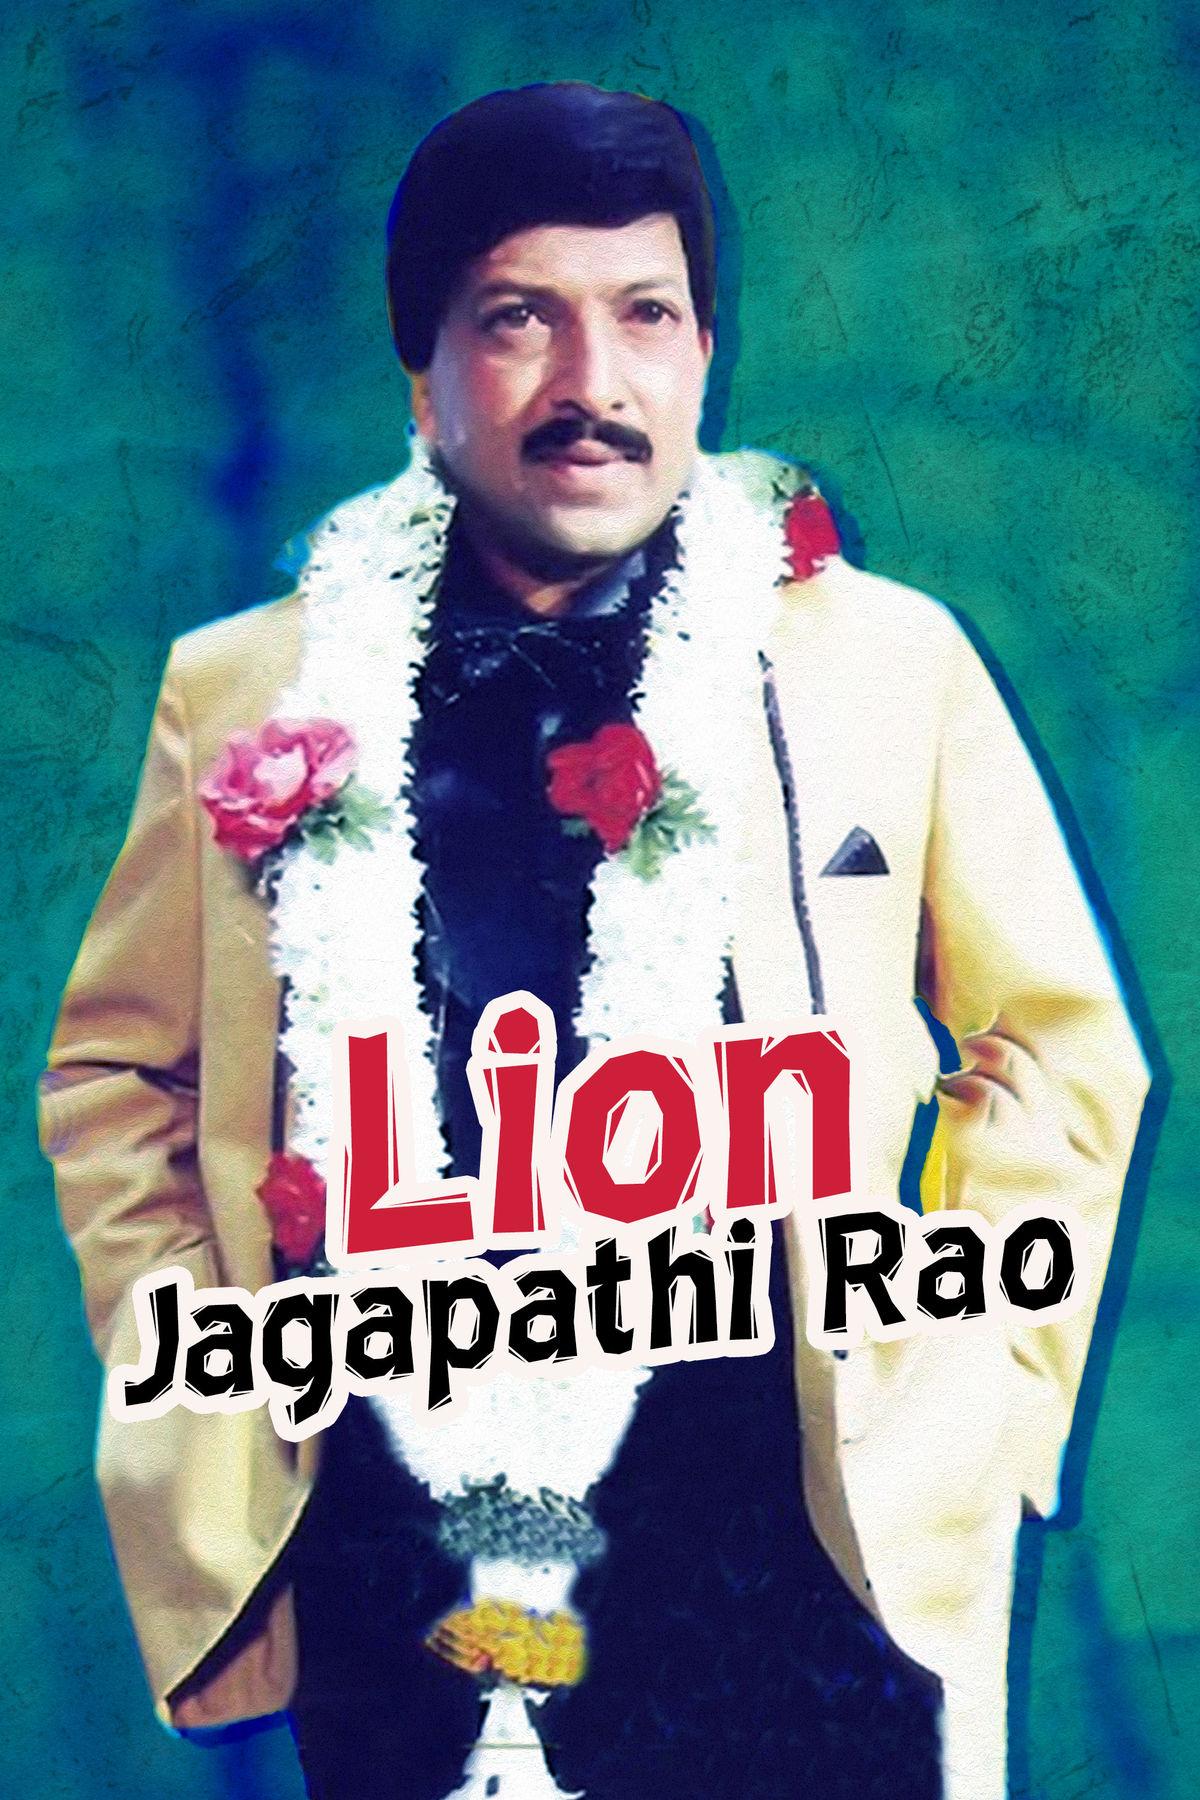 Lion Jagapathi Rao